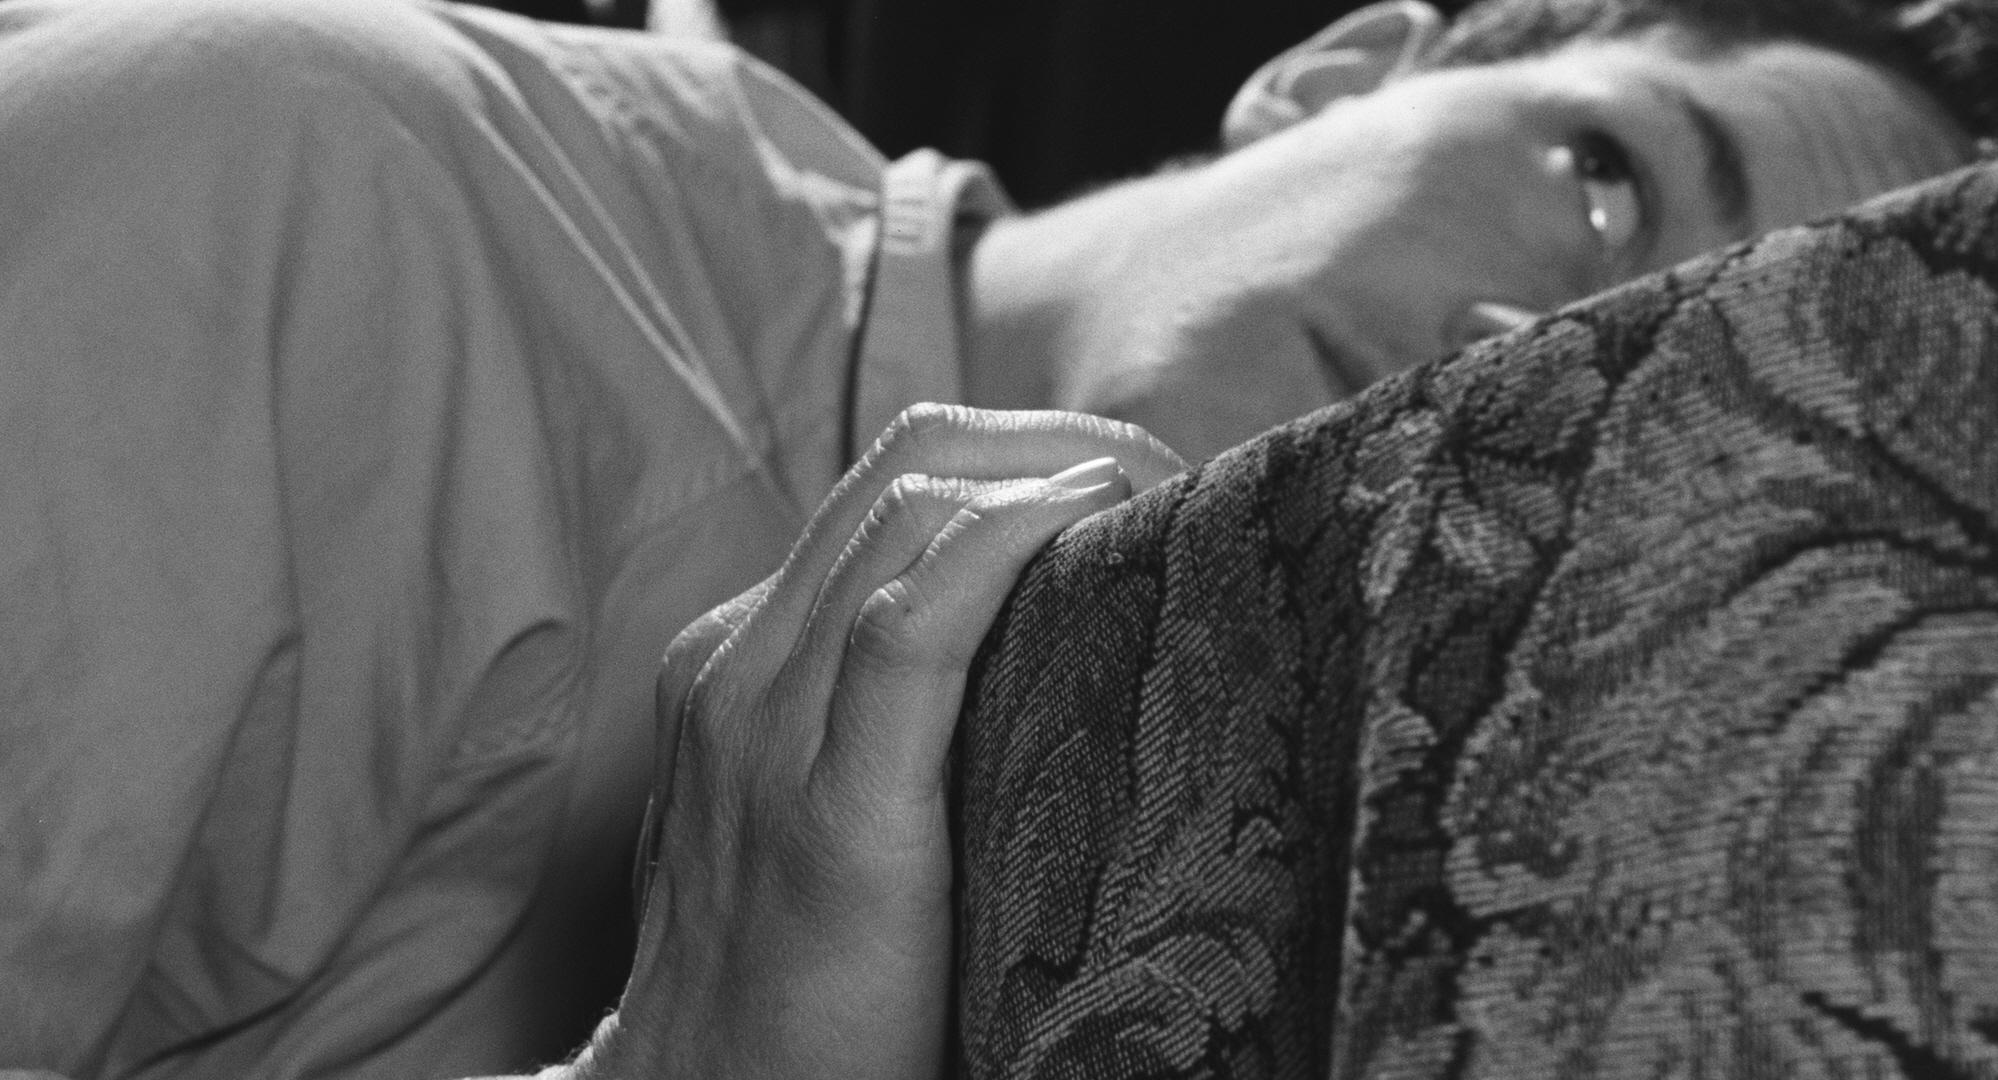 유네스코 영화 창의도시 특별전 ? 에르마노 올미 & 마르코 벨로키오(호주머니 속의 주먹) 스틸 이미지 02